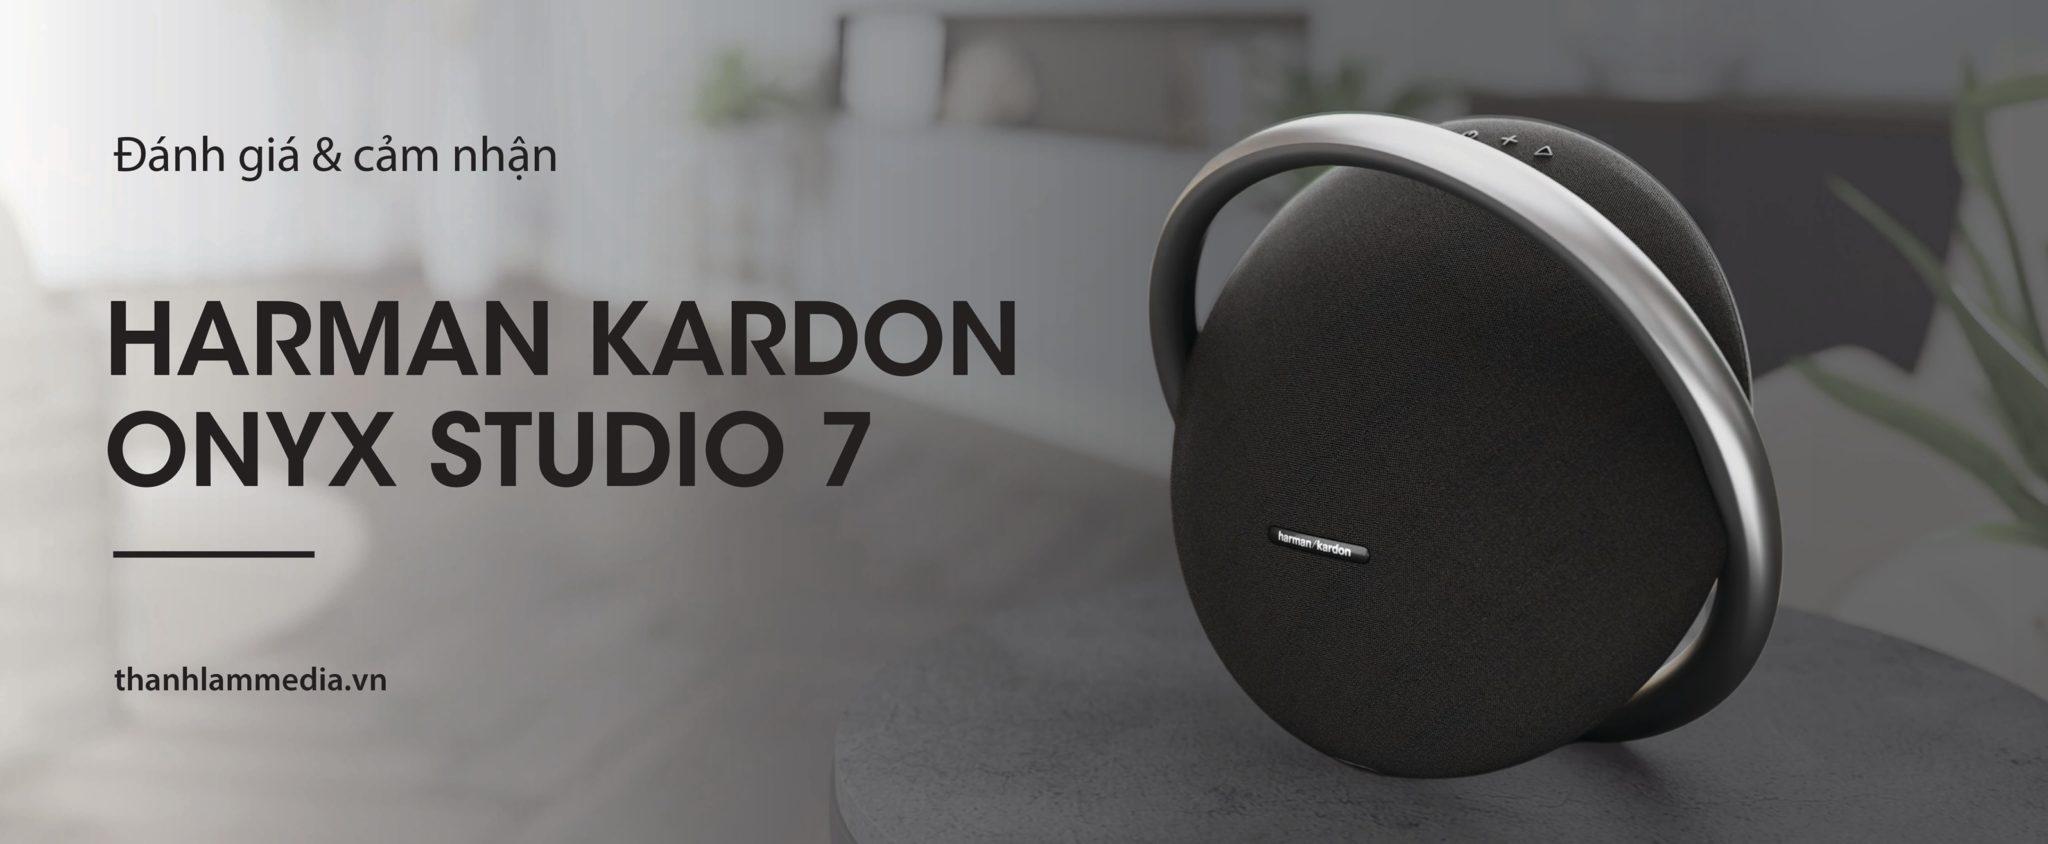 Cận cảnh mẫu loa mới nhất của Harman Kardon - Onyx Studio 7 5